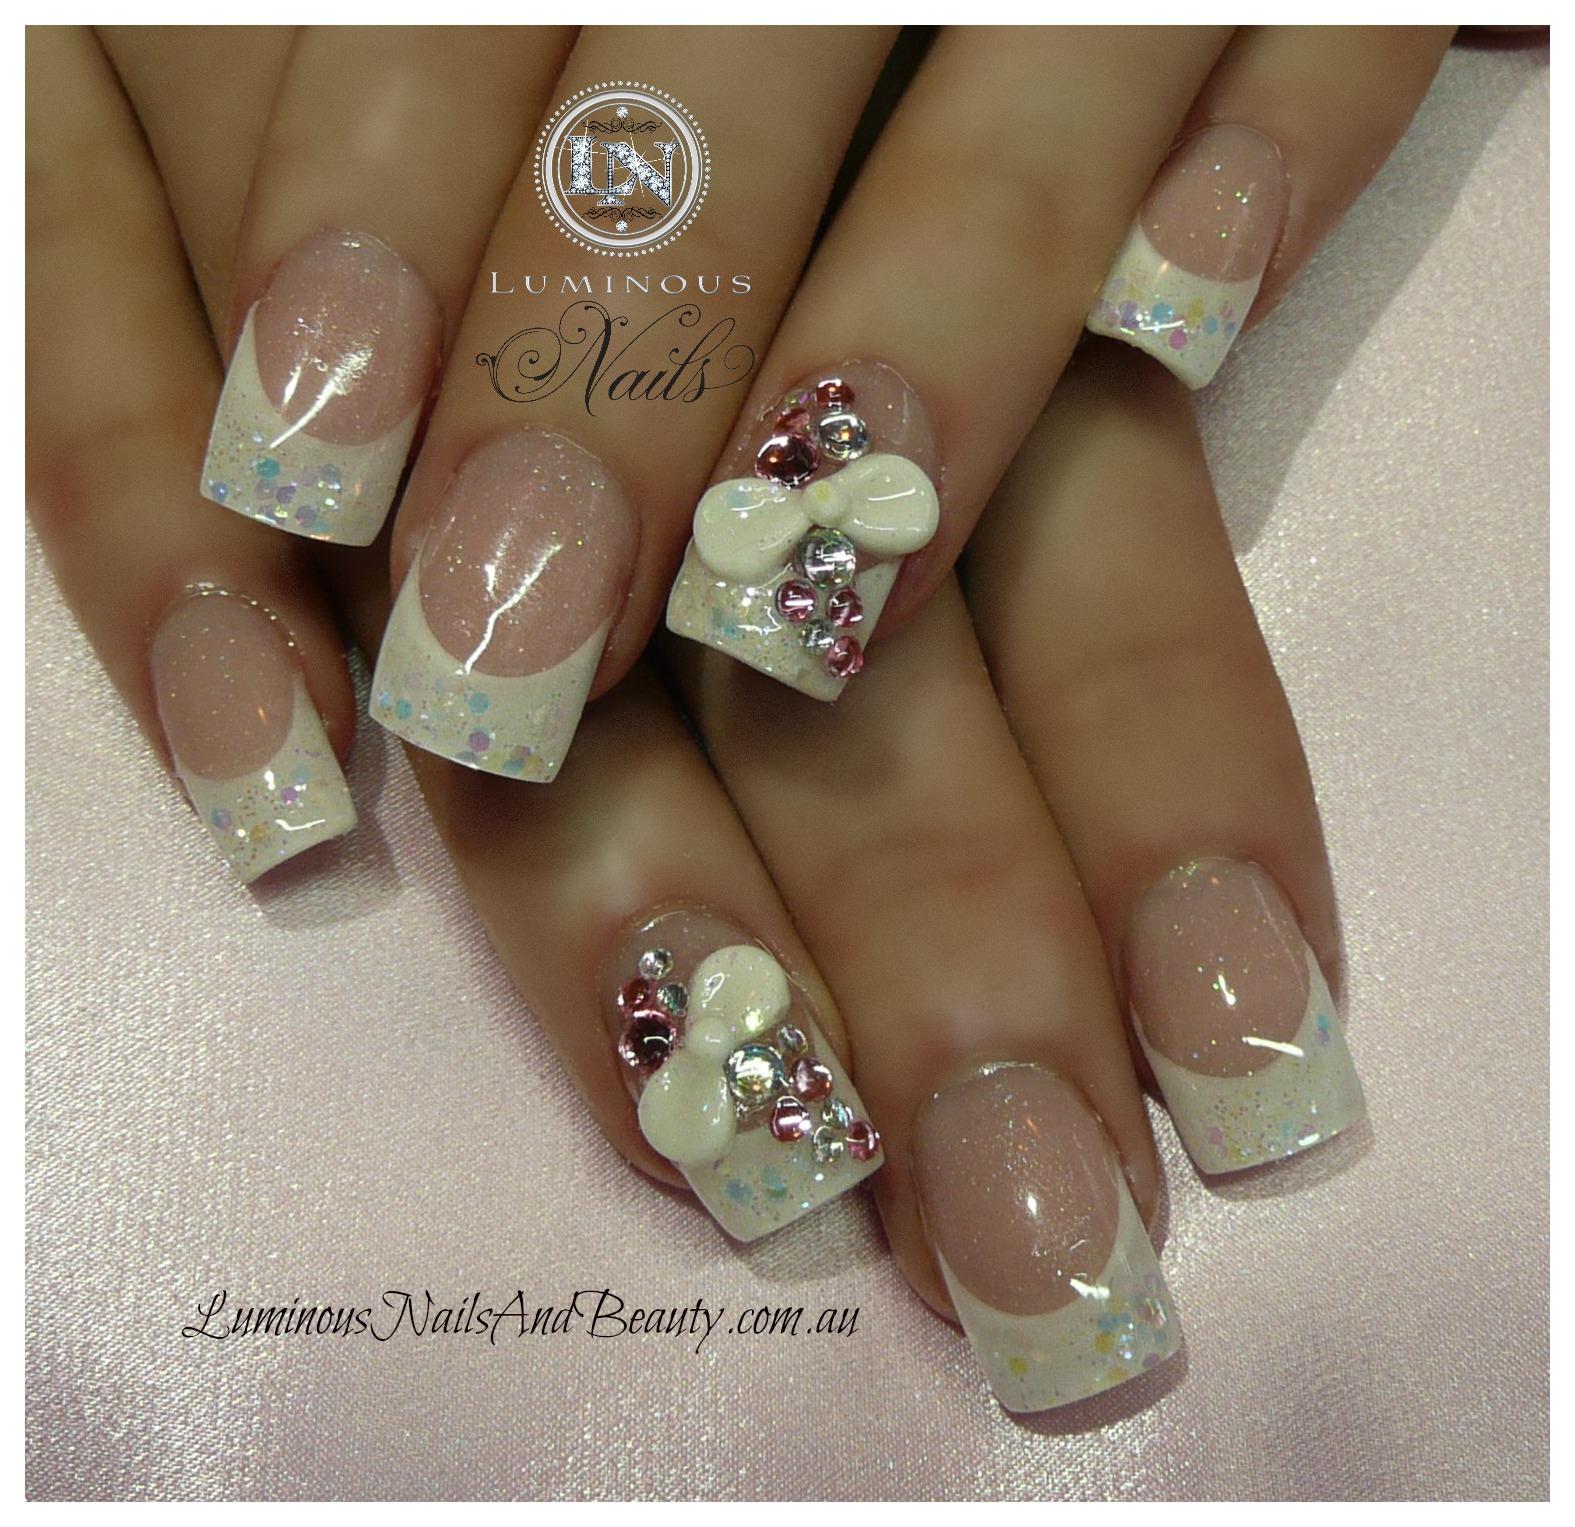 Nail Polish Design For Short Nails Imagesforfree Artnail - InspiriToo.